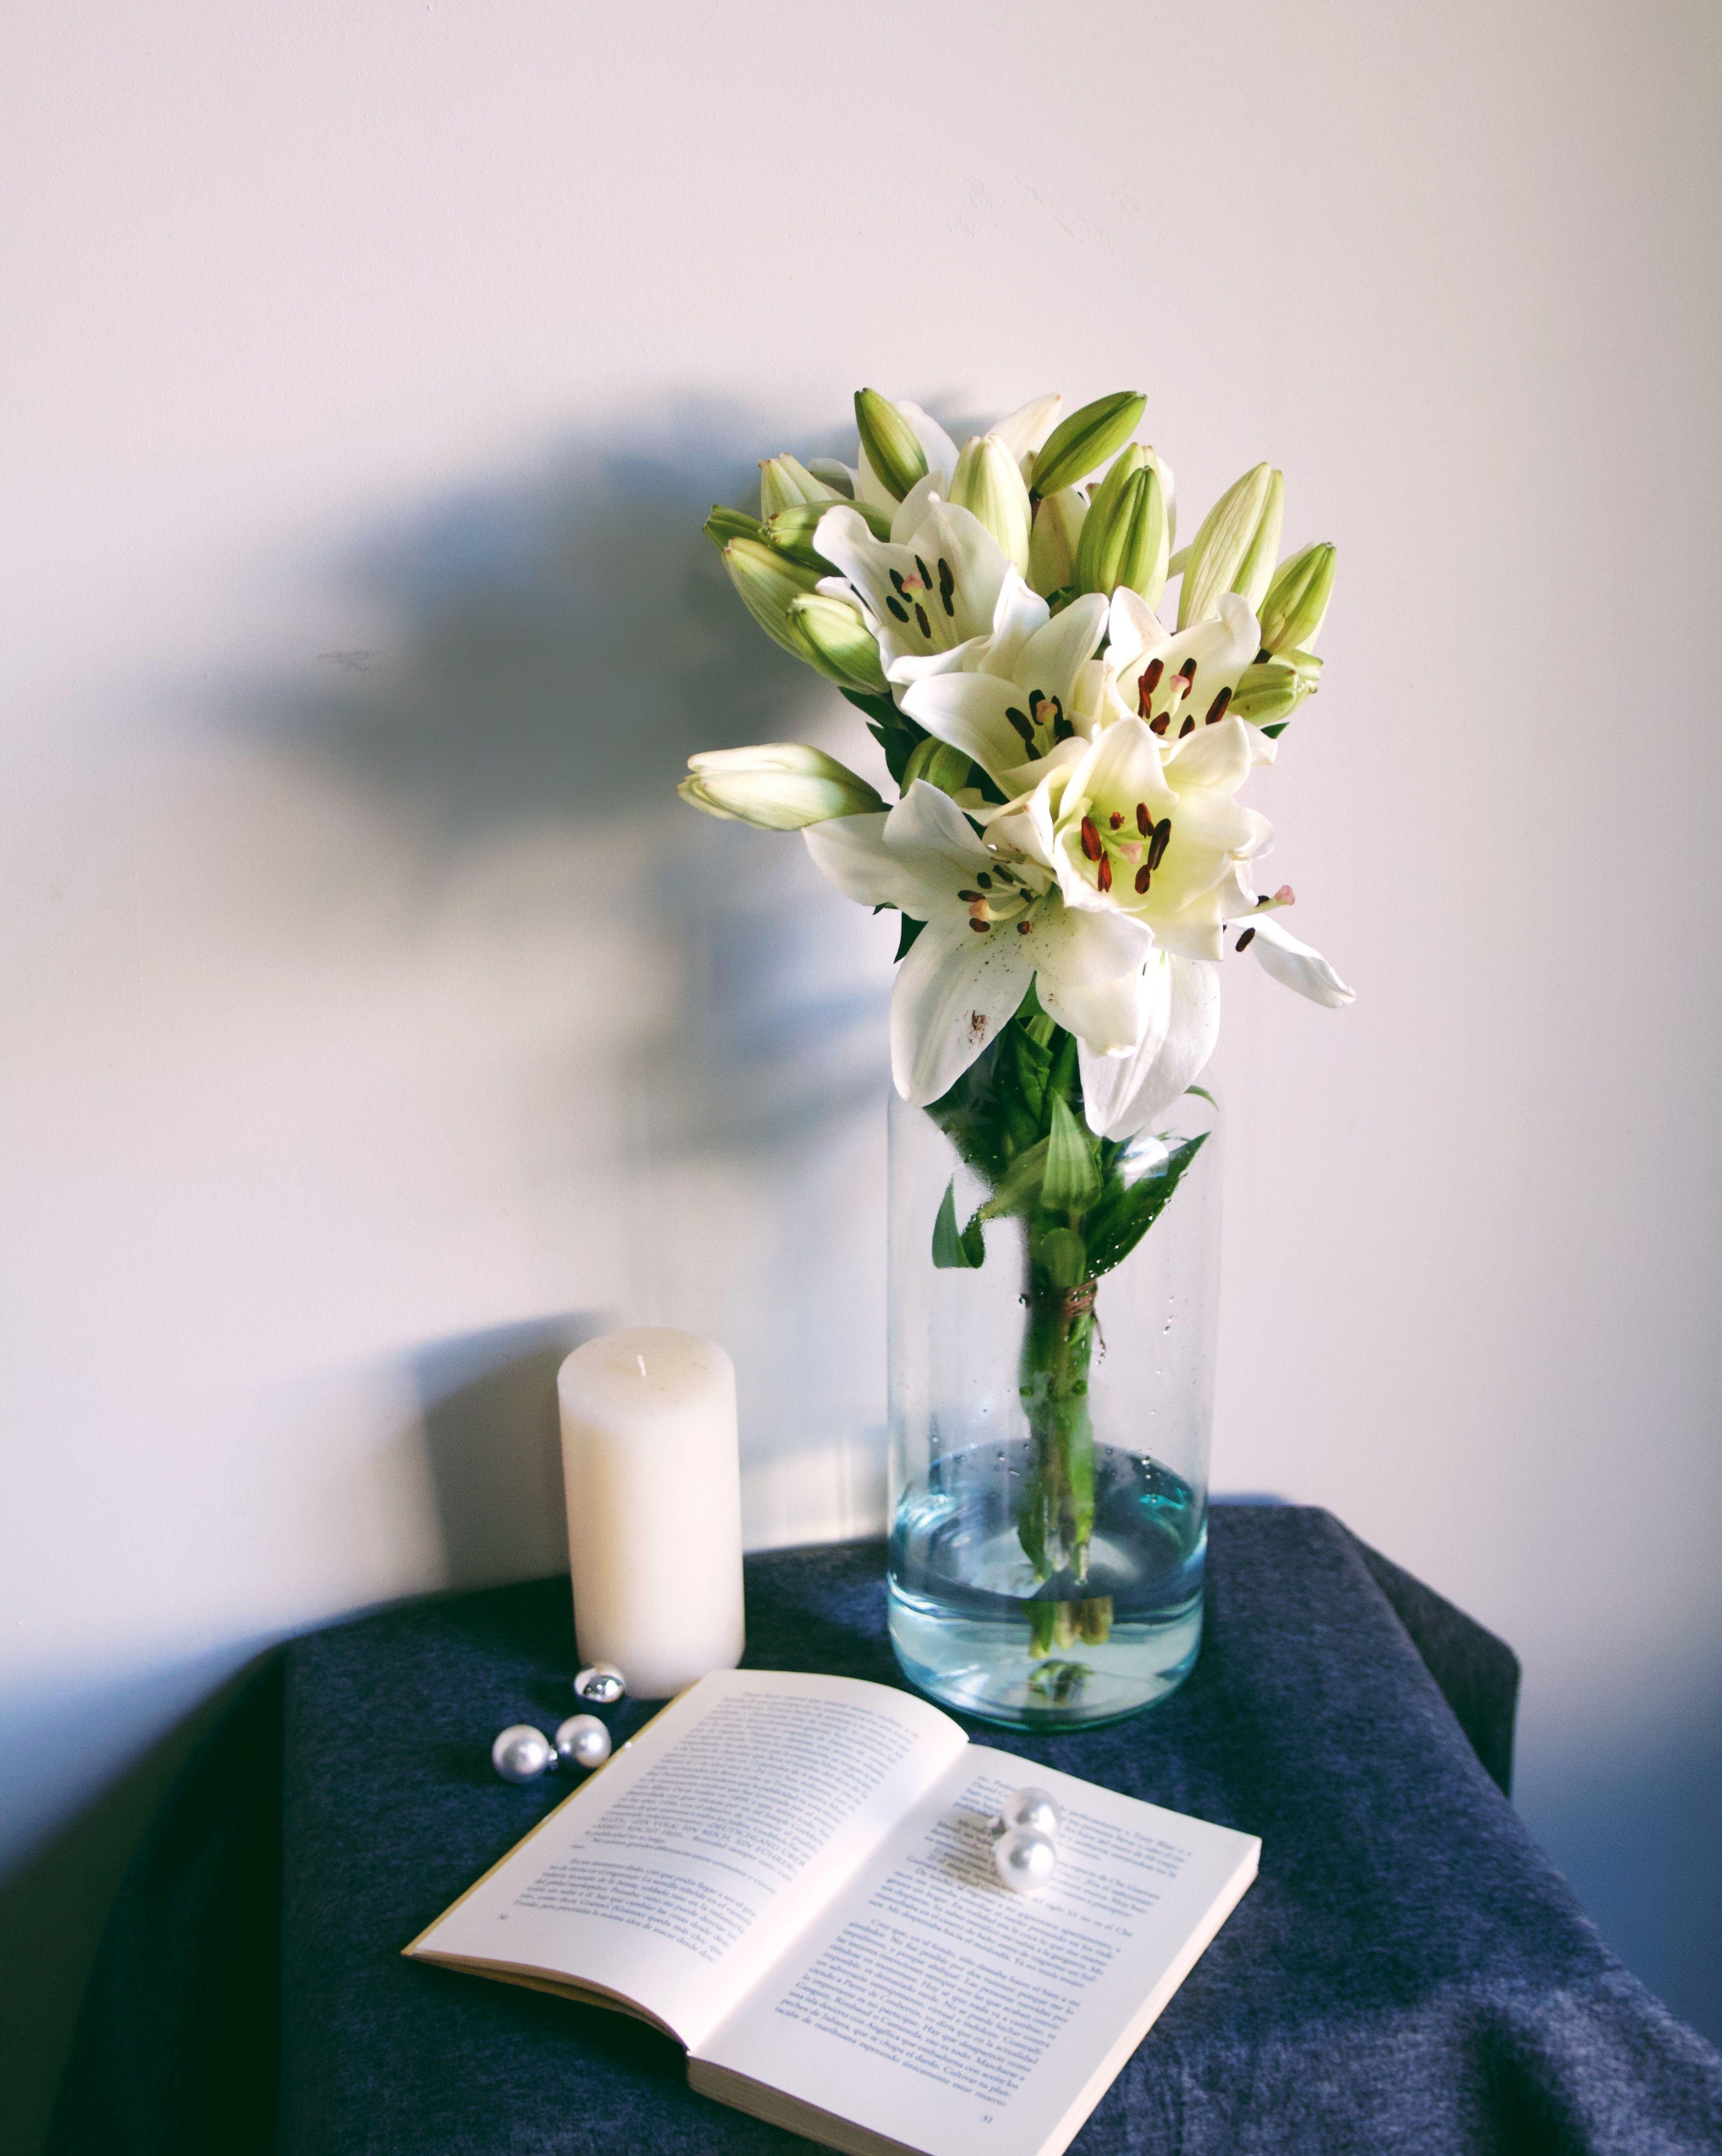 Litouwen #Flowers #Bouquet #Ramo #Flores #Lilium #White #Deco #